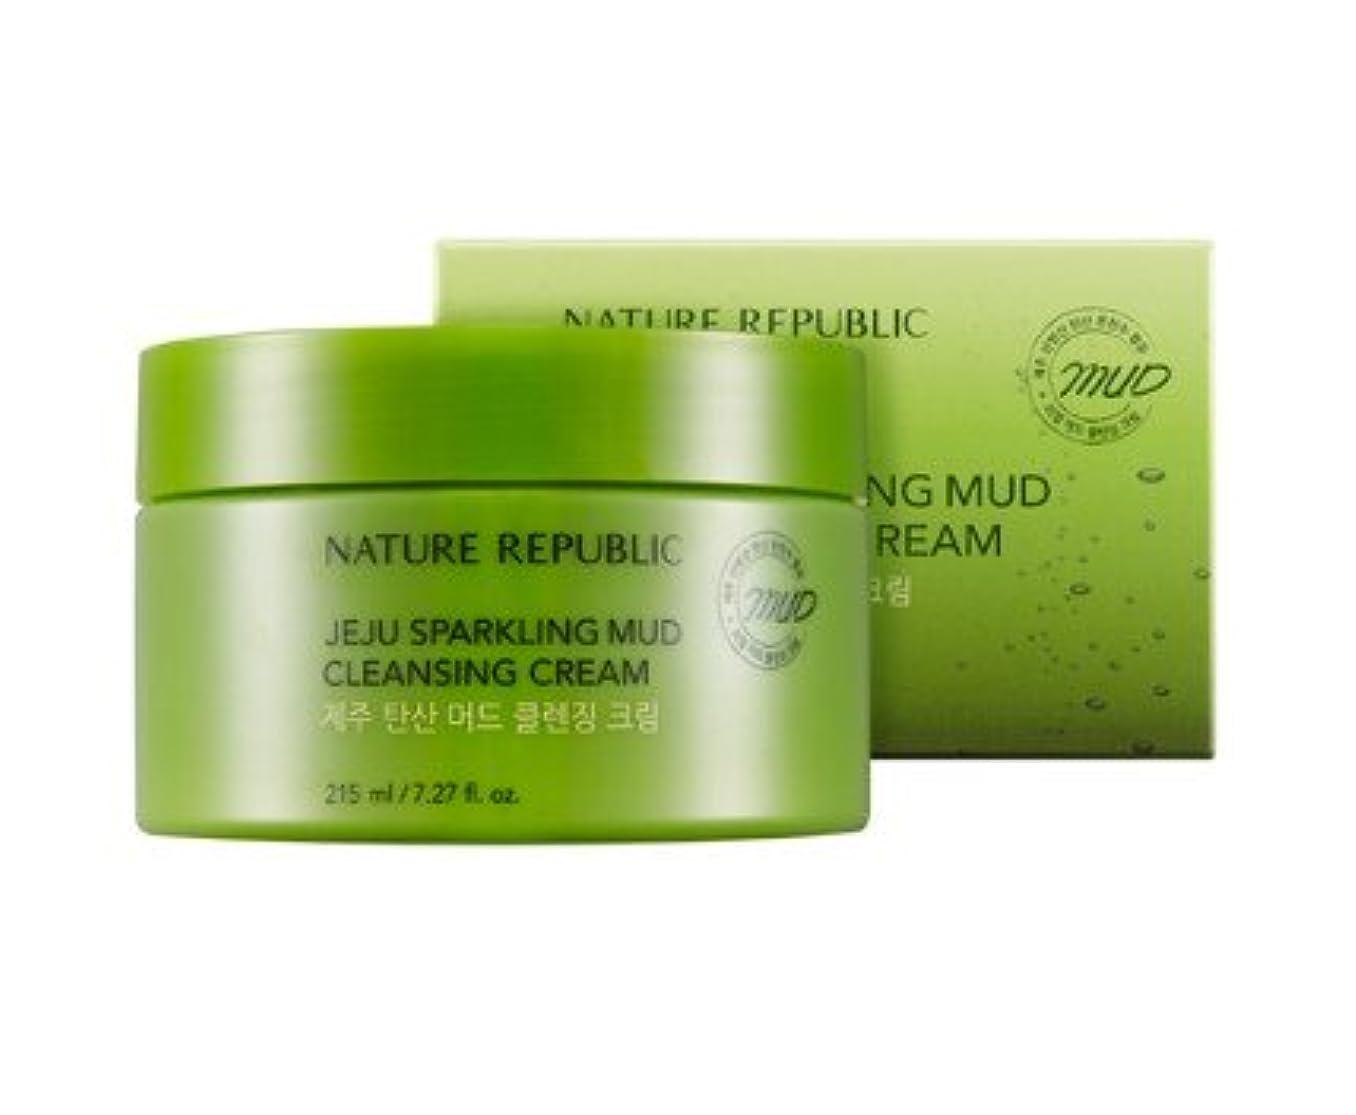 兄弟愛部分打ち負かすNature republic Jeju Sparkling Mud Cleansing Cream ネイチャーリパブリック チェジュ炭酸マッド クレンジングクリーム 215ML [並行輸入品]